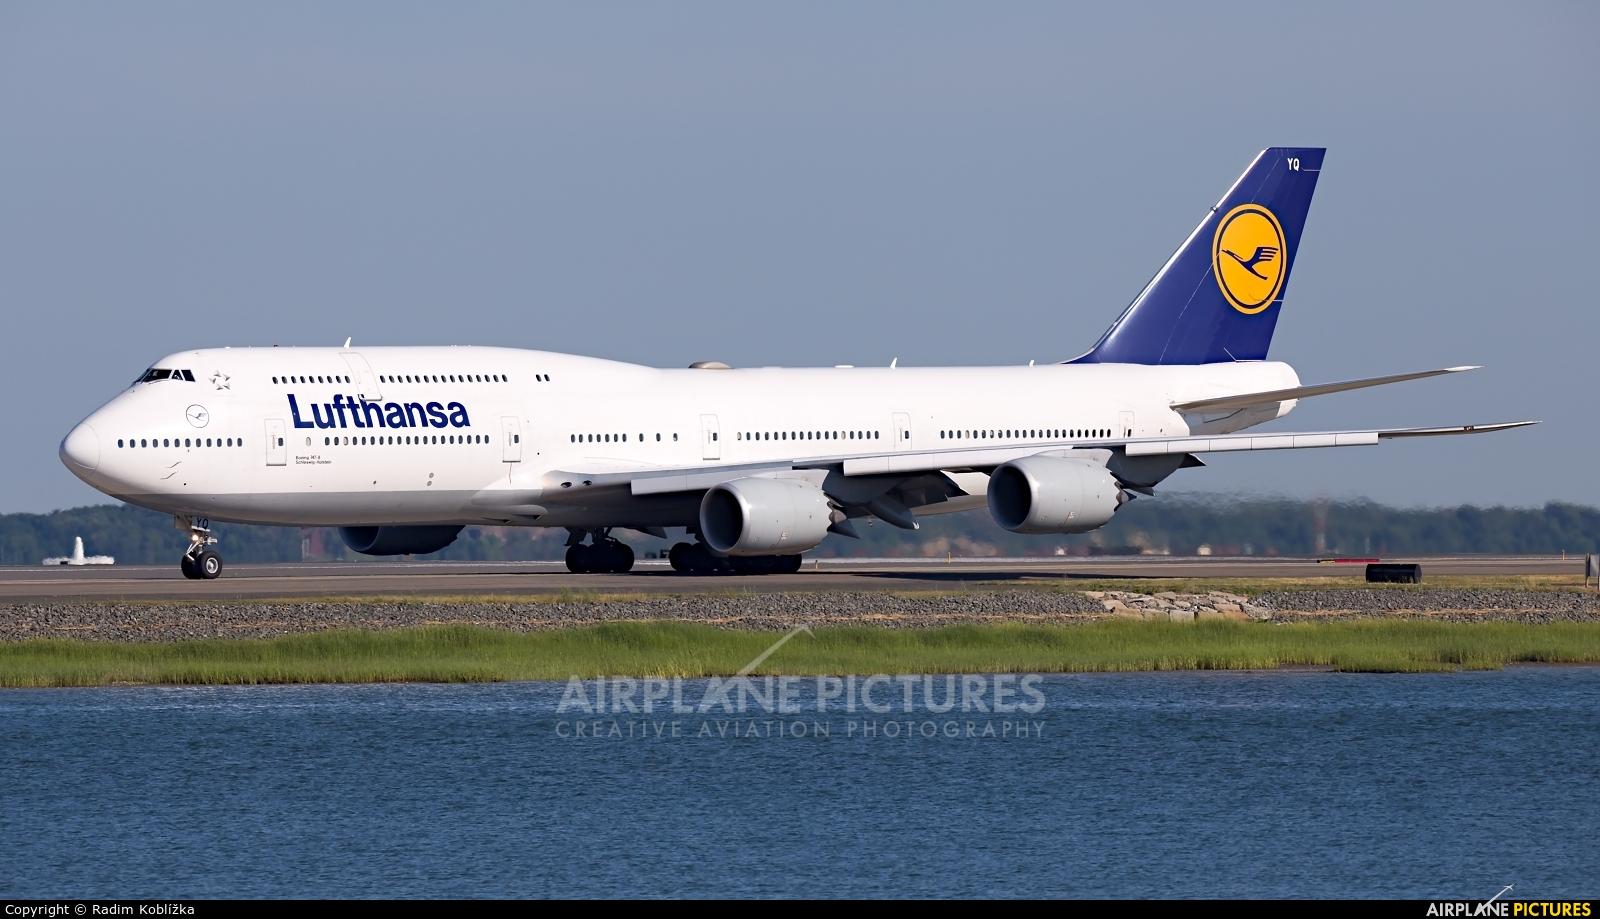 Lufthansa D-ABYQ aircraft at Boston - General Edward Lawrence Logan Intl